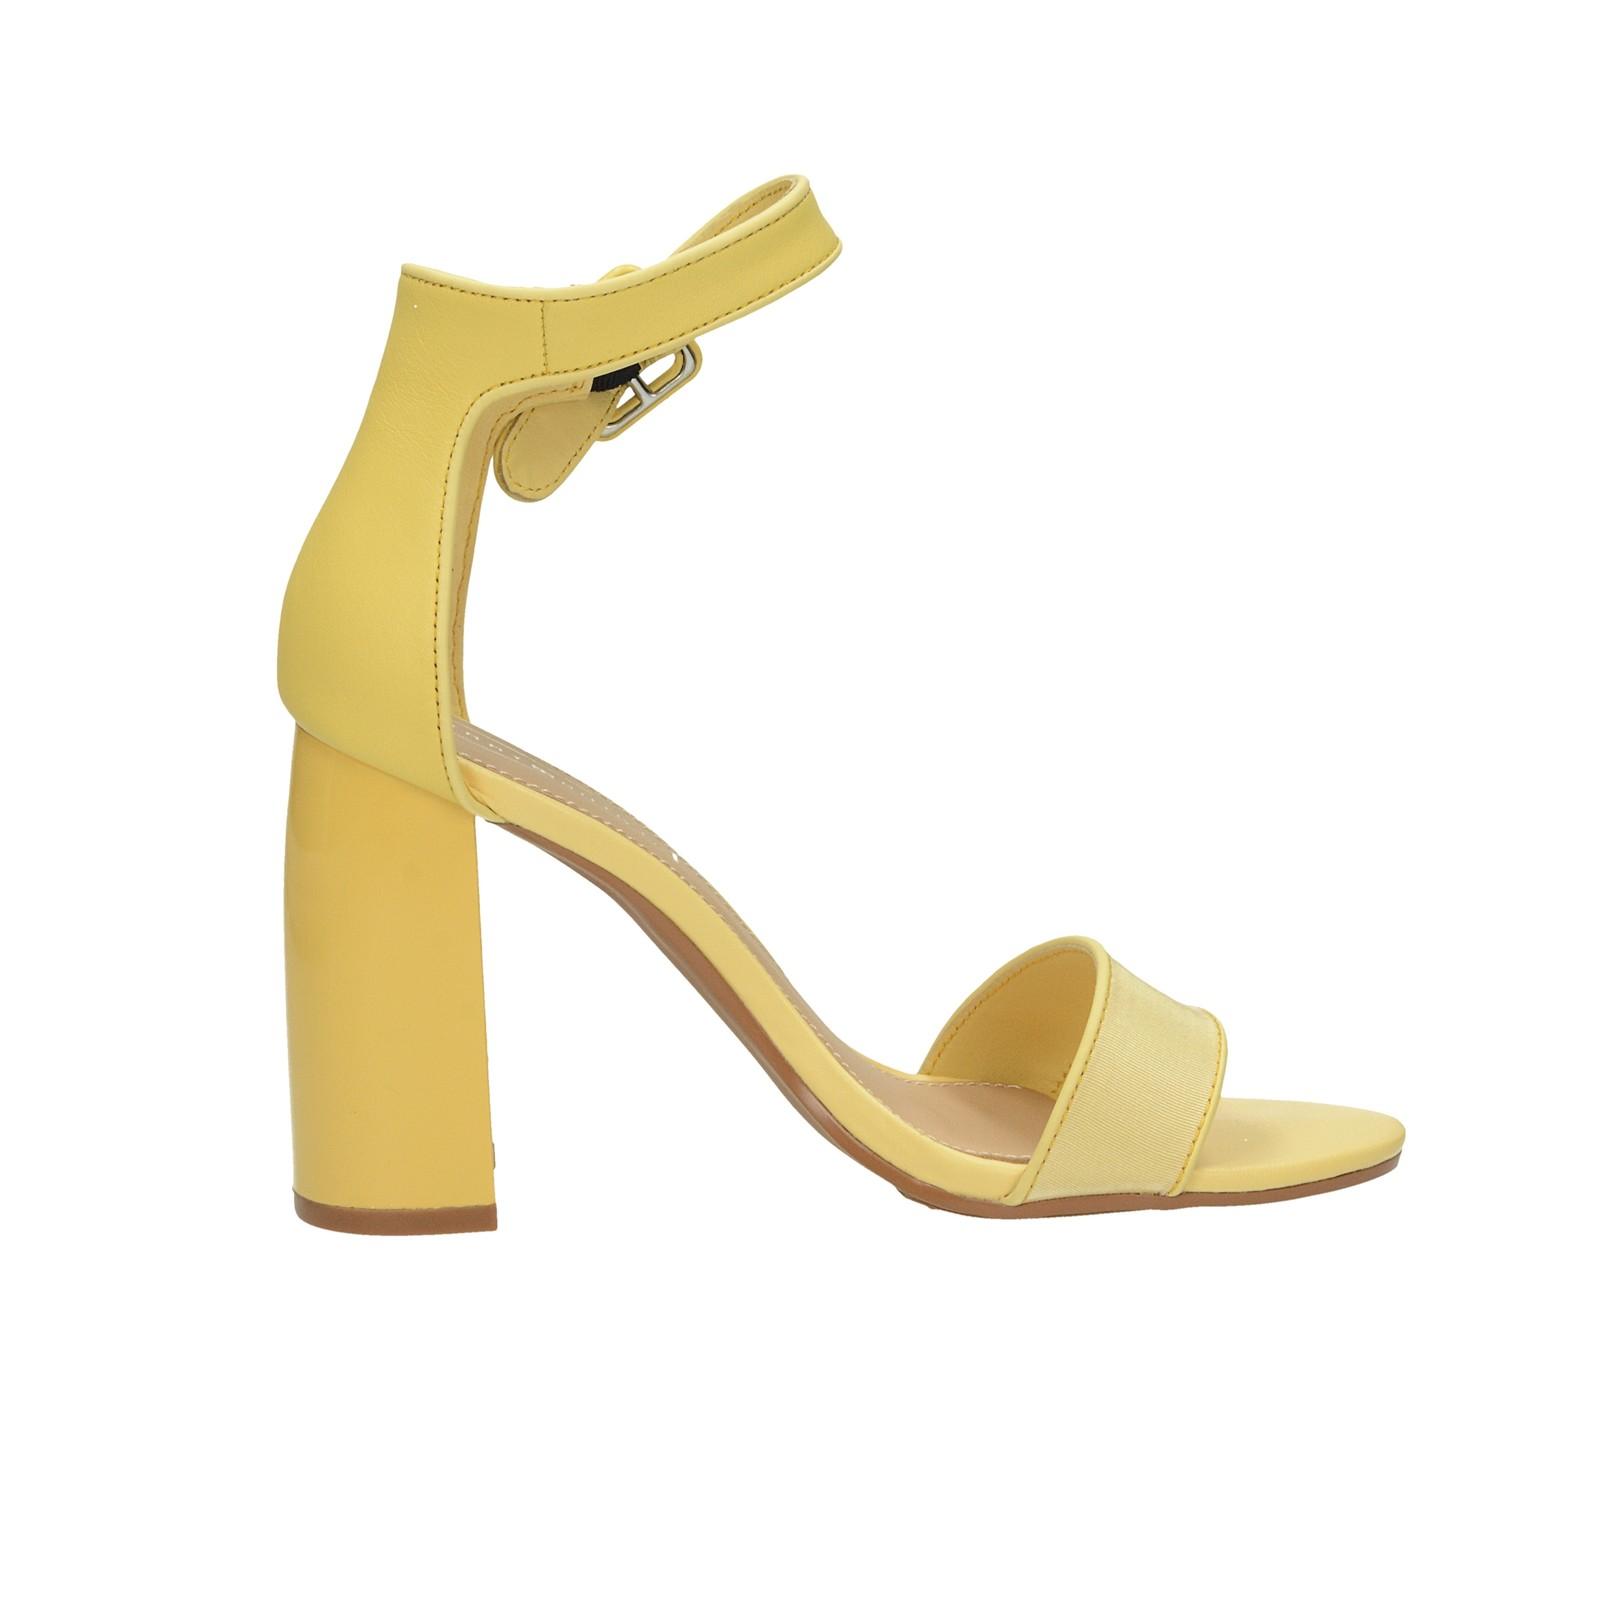 7501351d68 ... Tommy Hilfiger dámske štýlové sandále na vysokom podpätku - žlté ...